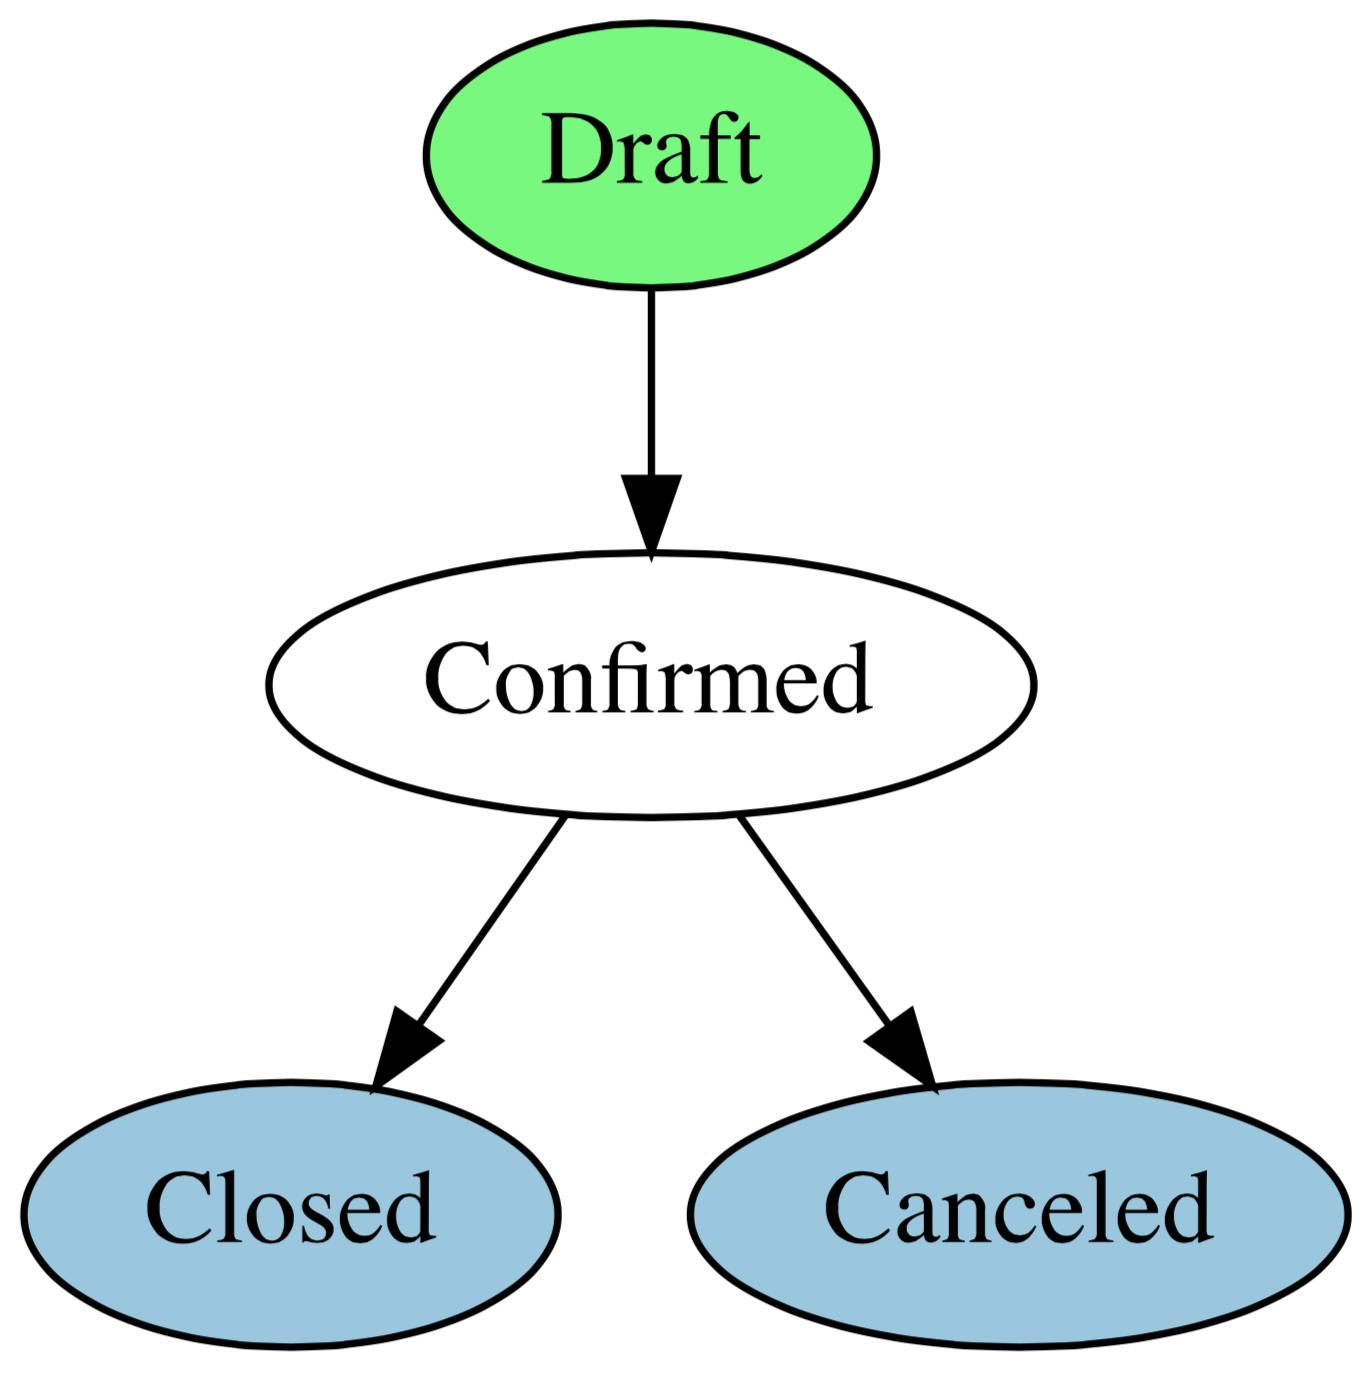 订单开始于草稿状态, 经过用户确认, 最终发货(Closed)或取消